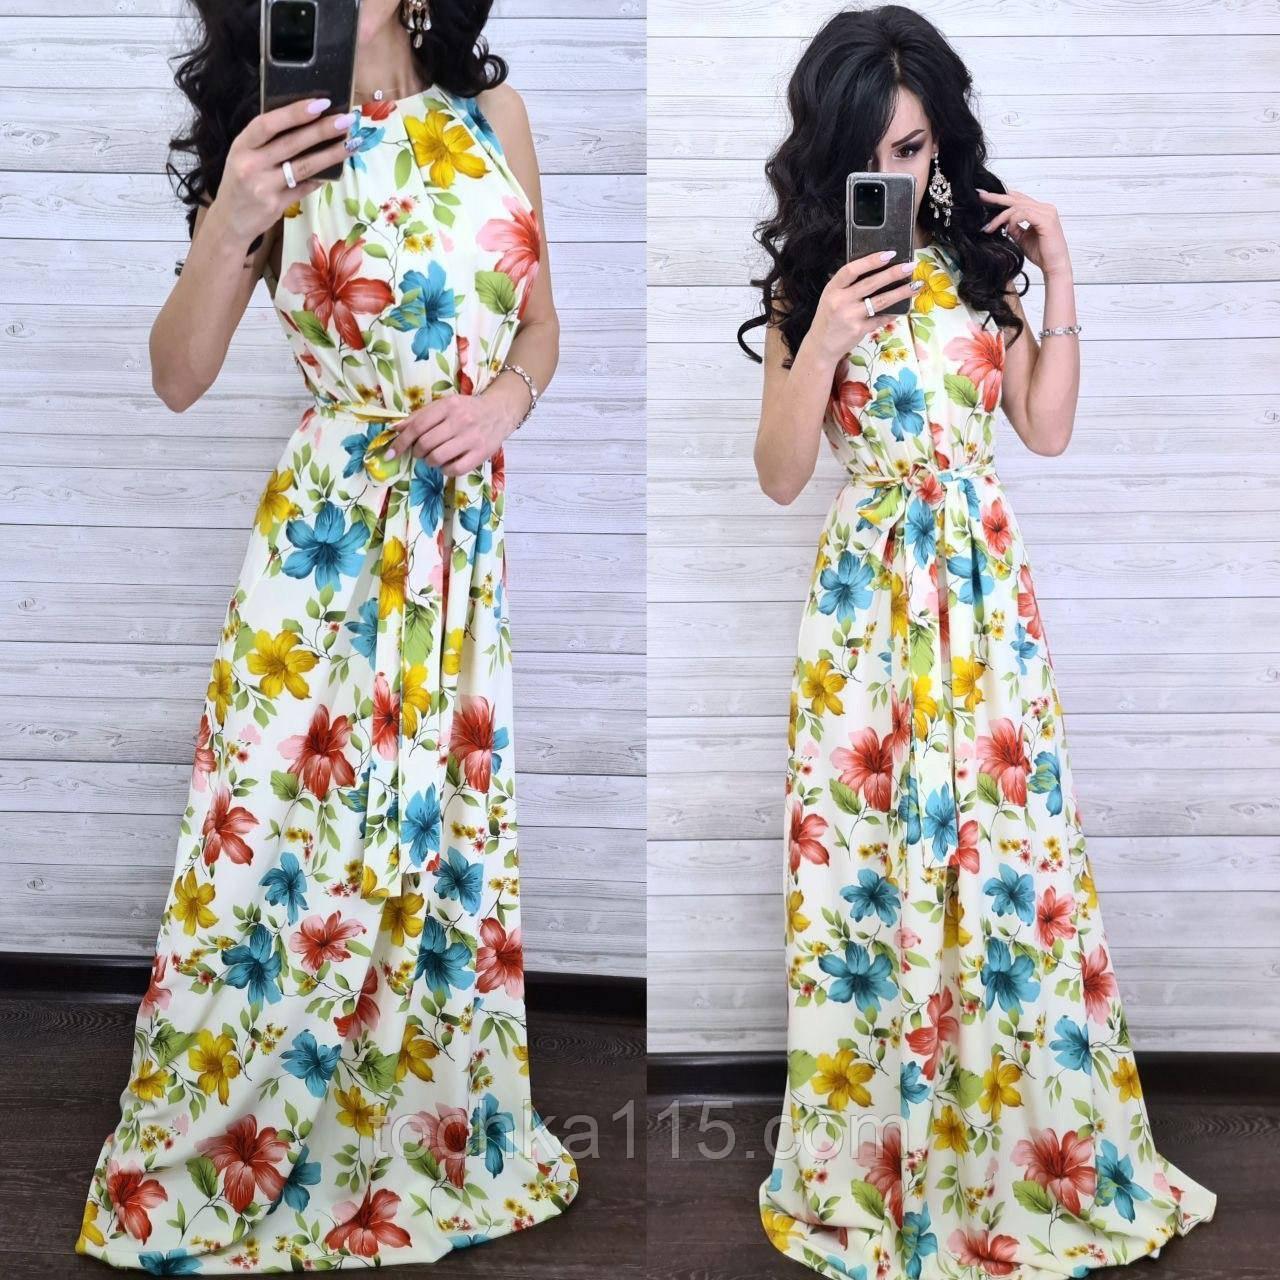 Нежное стильное платье, ткань софт, 42-44, 46-48 рр, цвет белый принт цветок